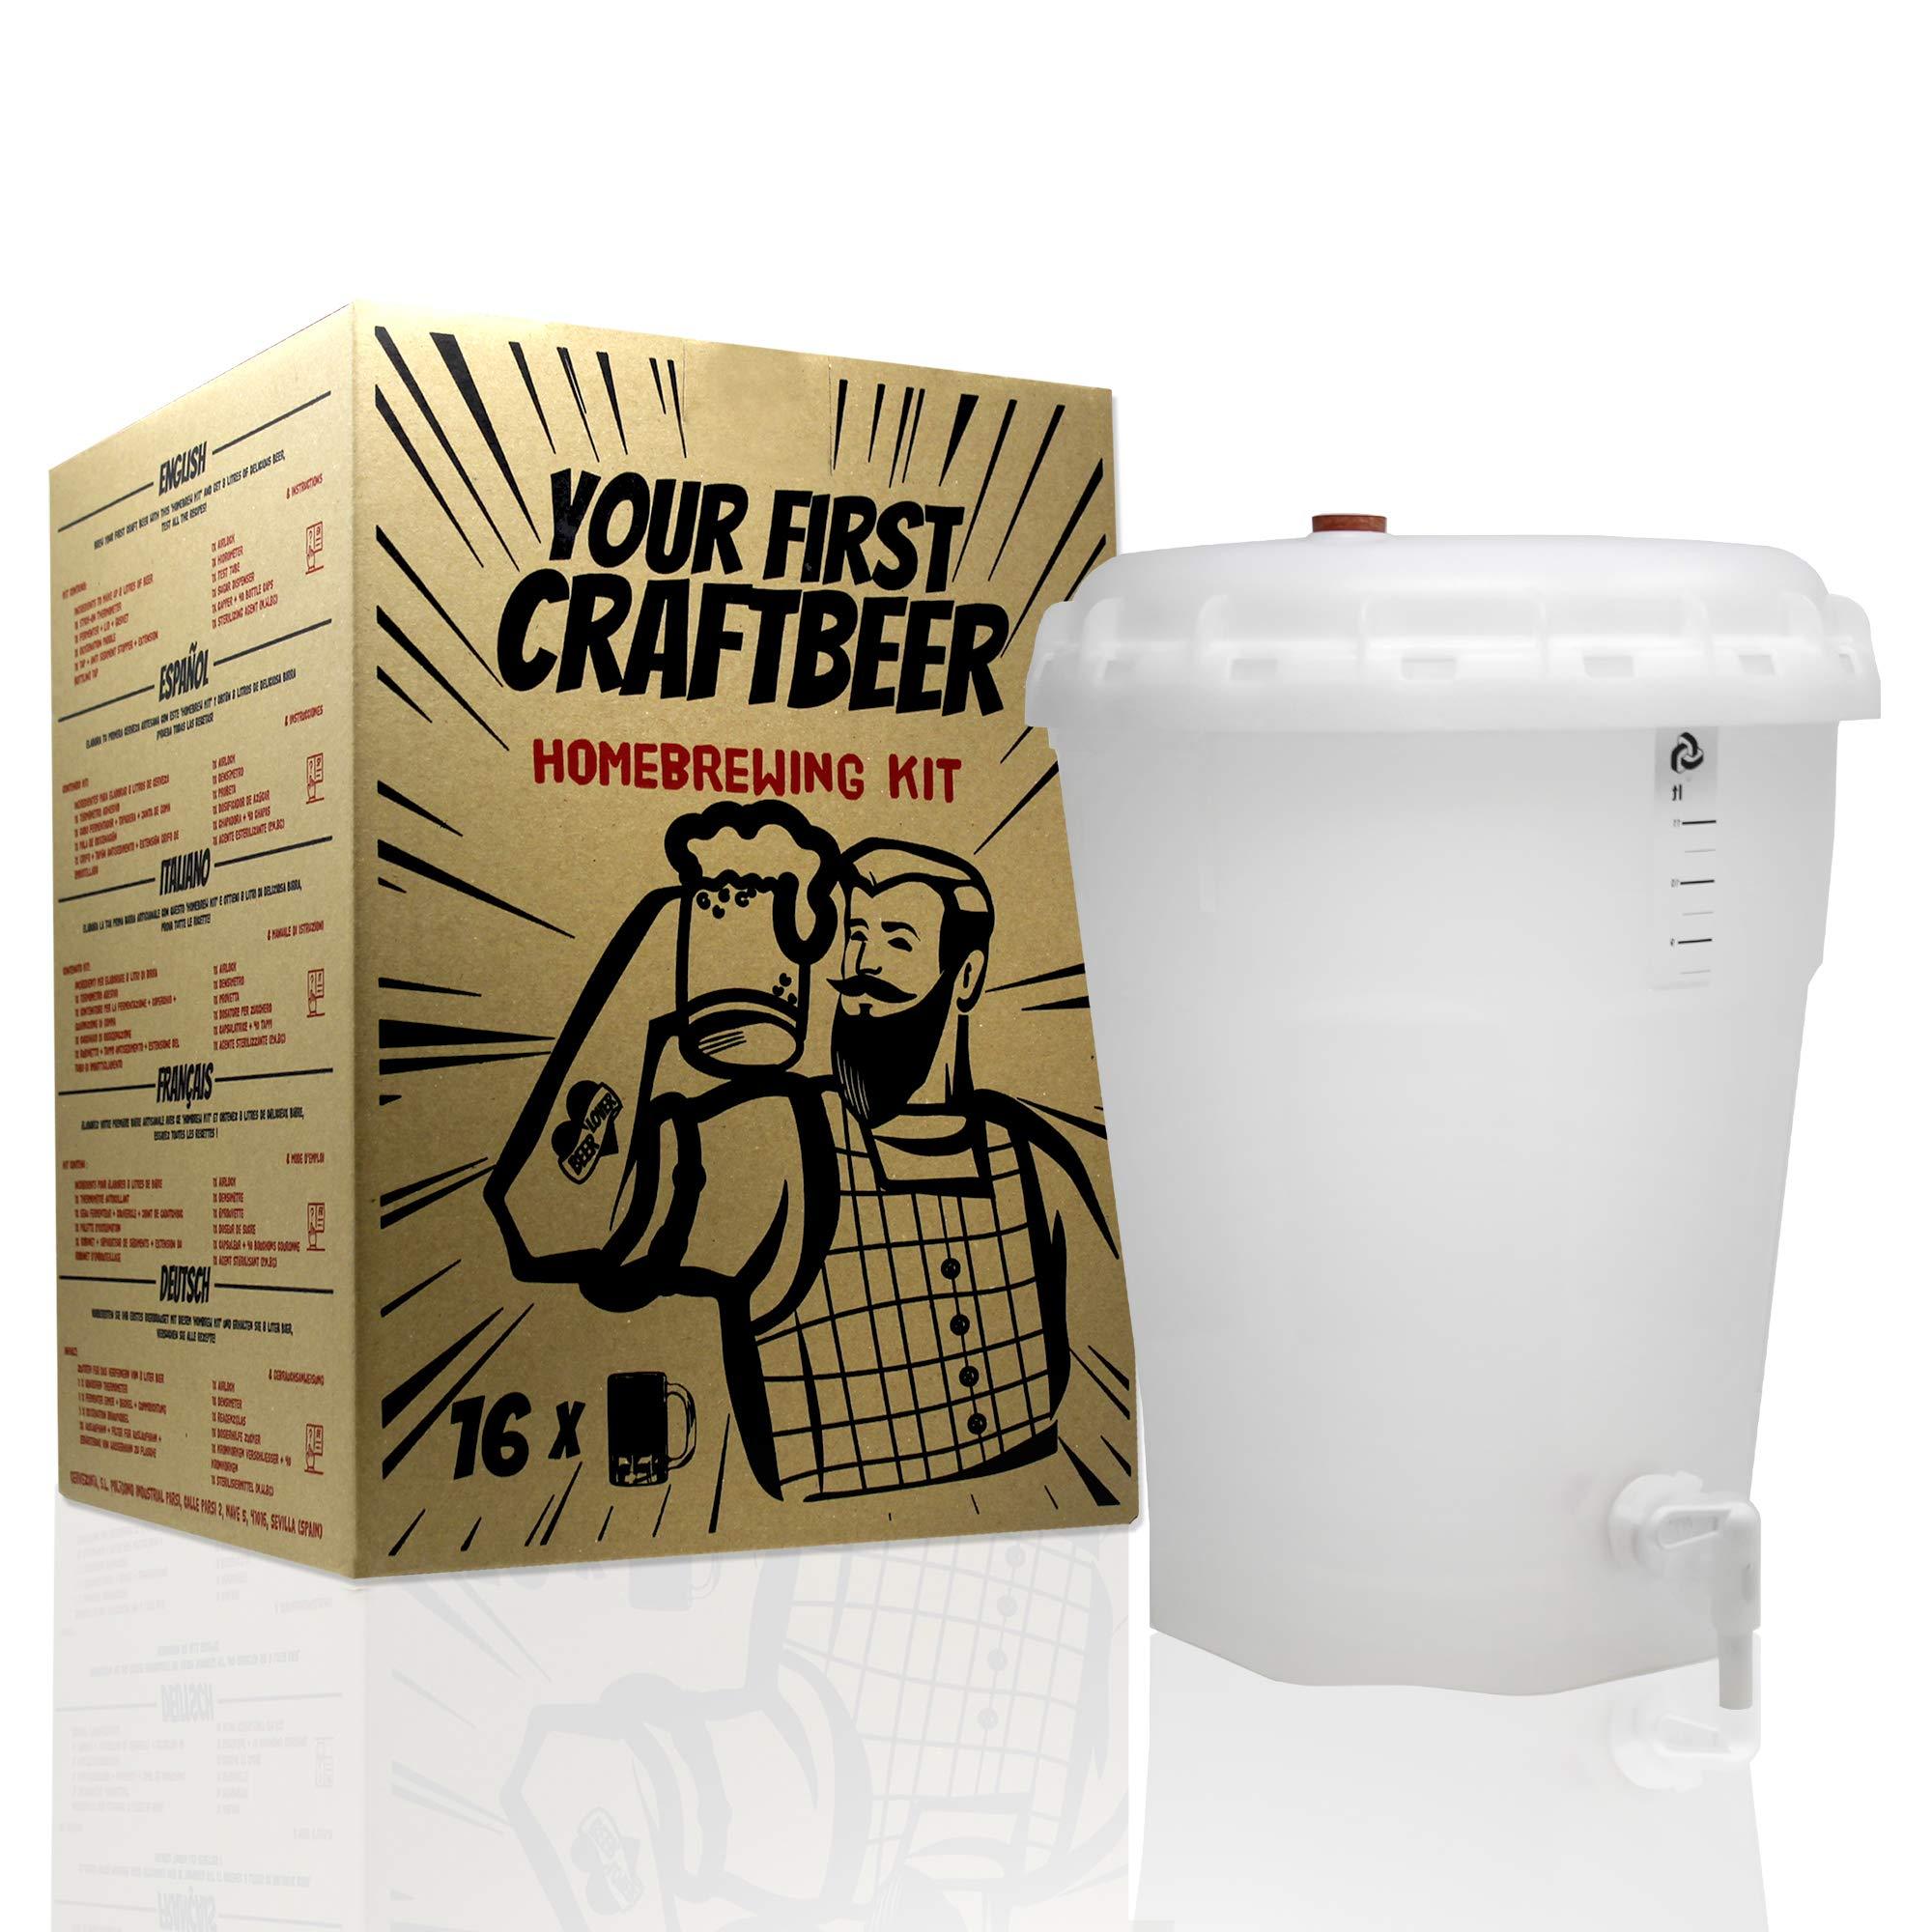 Kit de extracto para hacer cerveza Pale Ale   Tu primera cerveza casera   8 litros   Incluye densímetro   Elabora cerveza artesanal: Amazon.es: Hogar